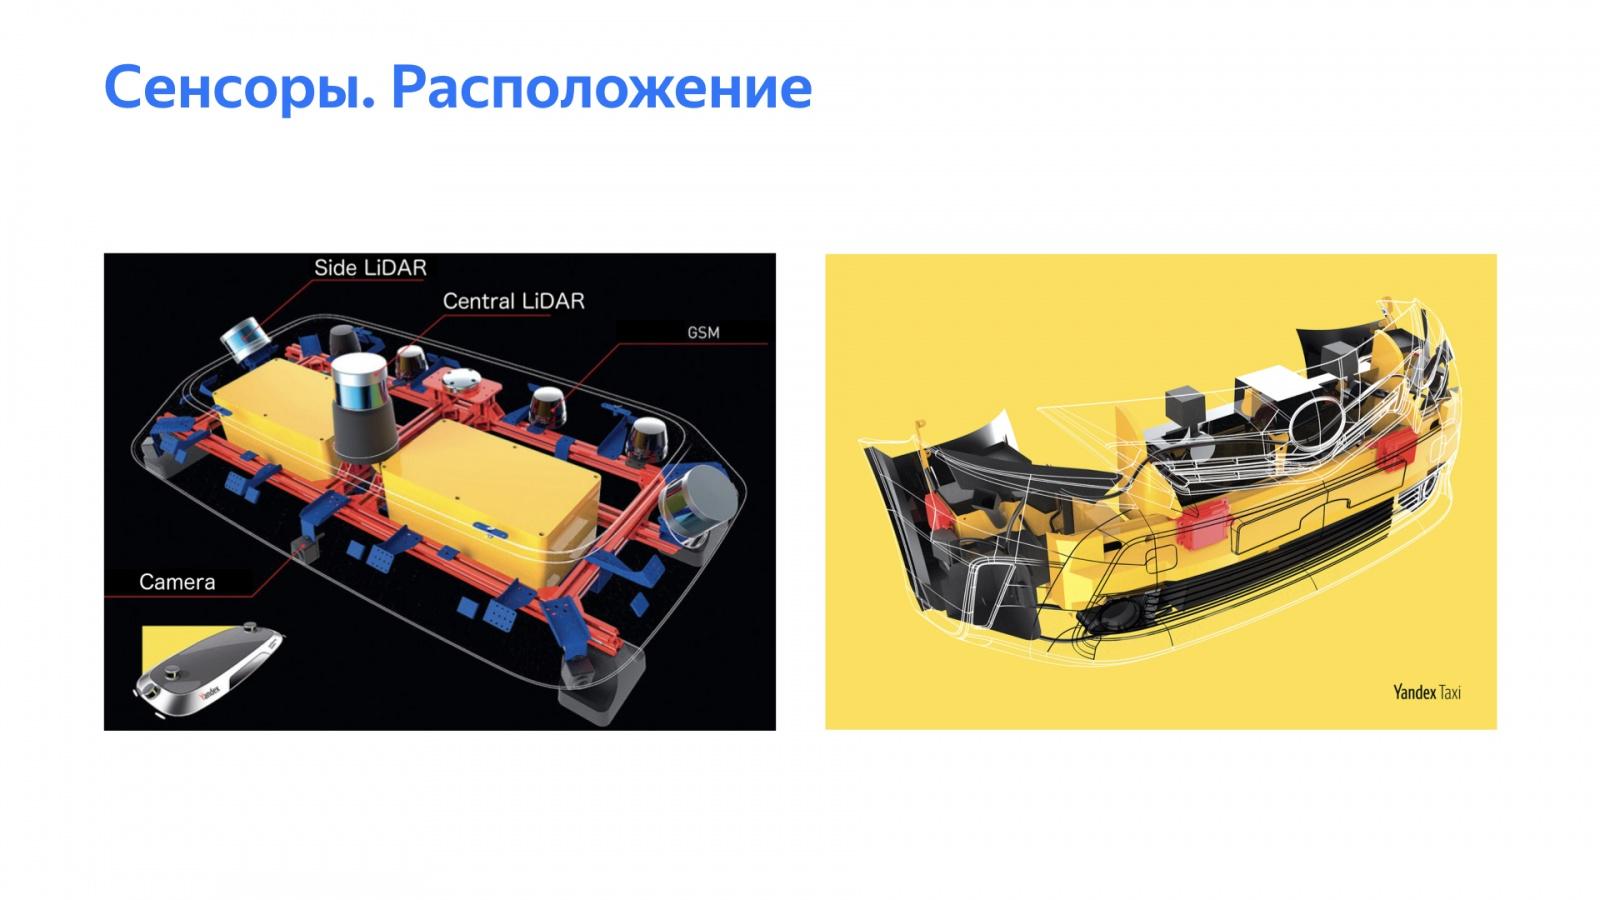 Беспилотный автомобиль: оживляем алгоритмы. Доклад Яндекса - 7